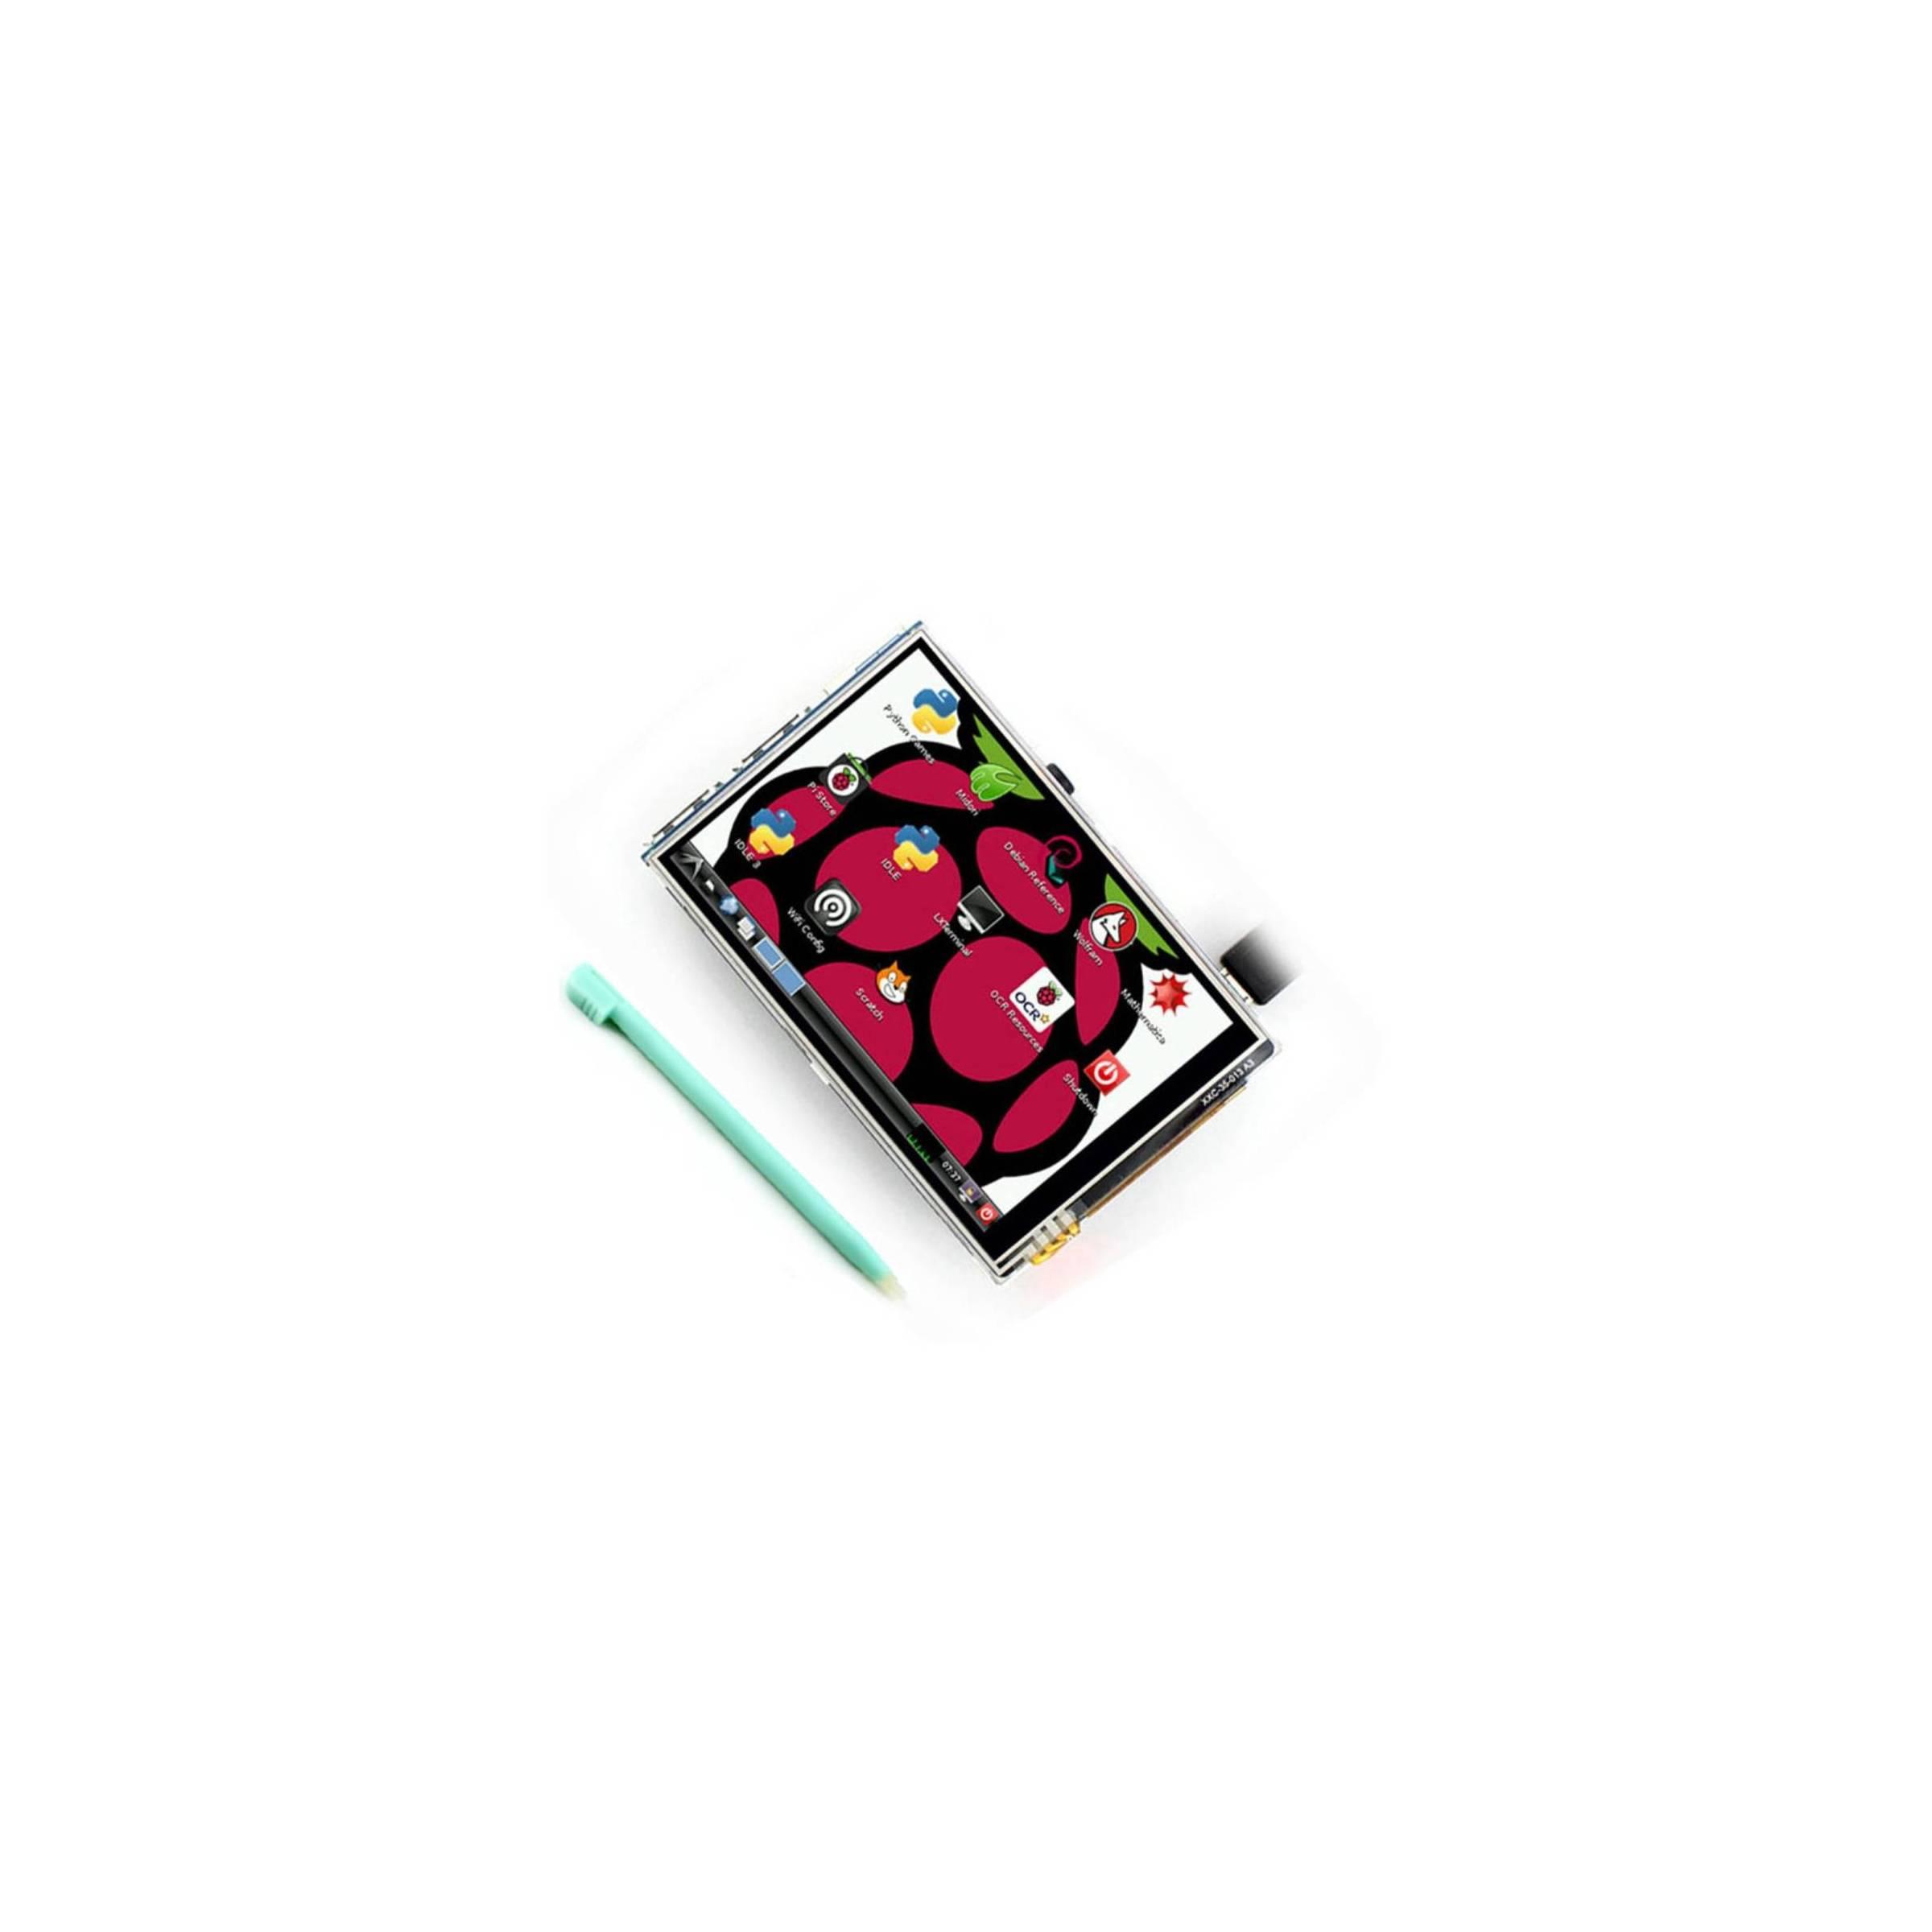 Bilde av 3,5 Tommer Lcd Tft Touchscreen Display Med Stylus Til Raspberry Pi